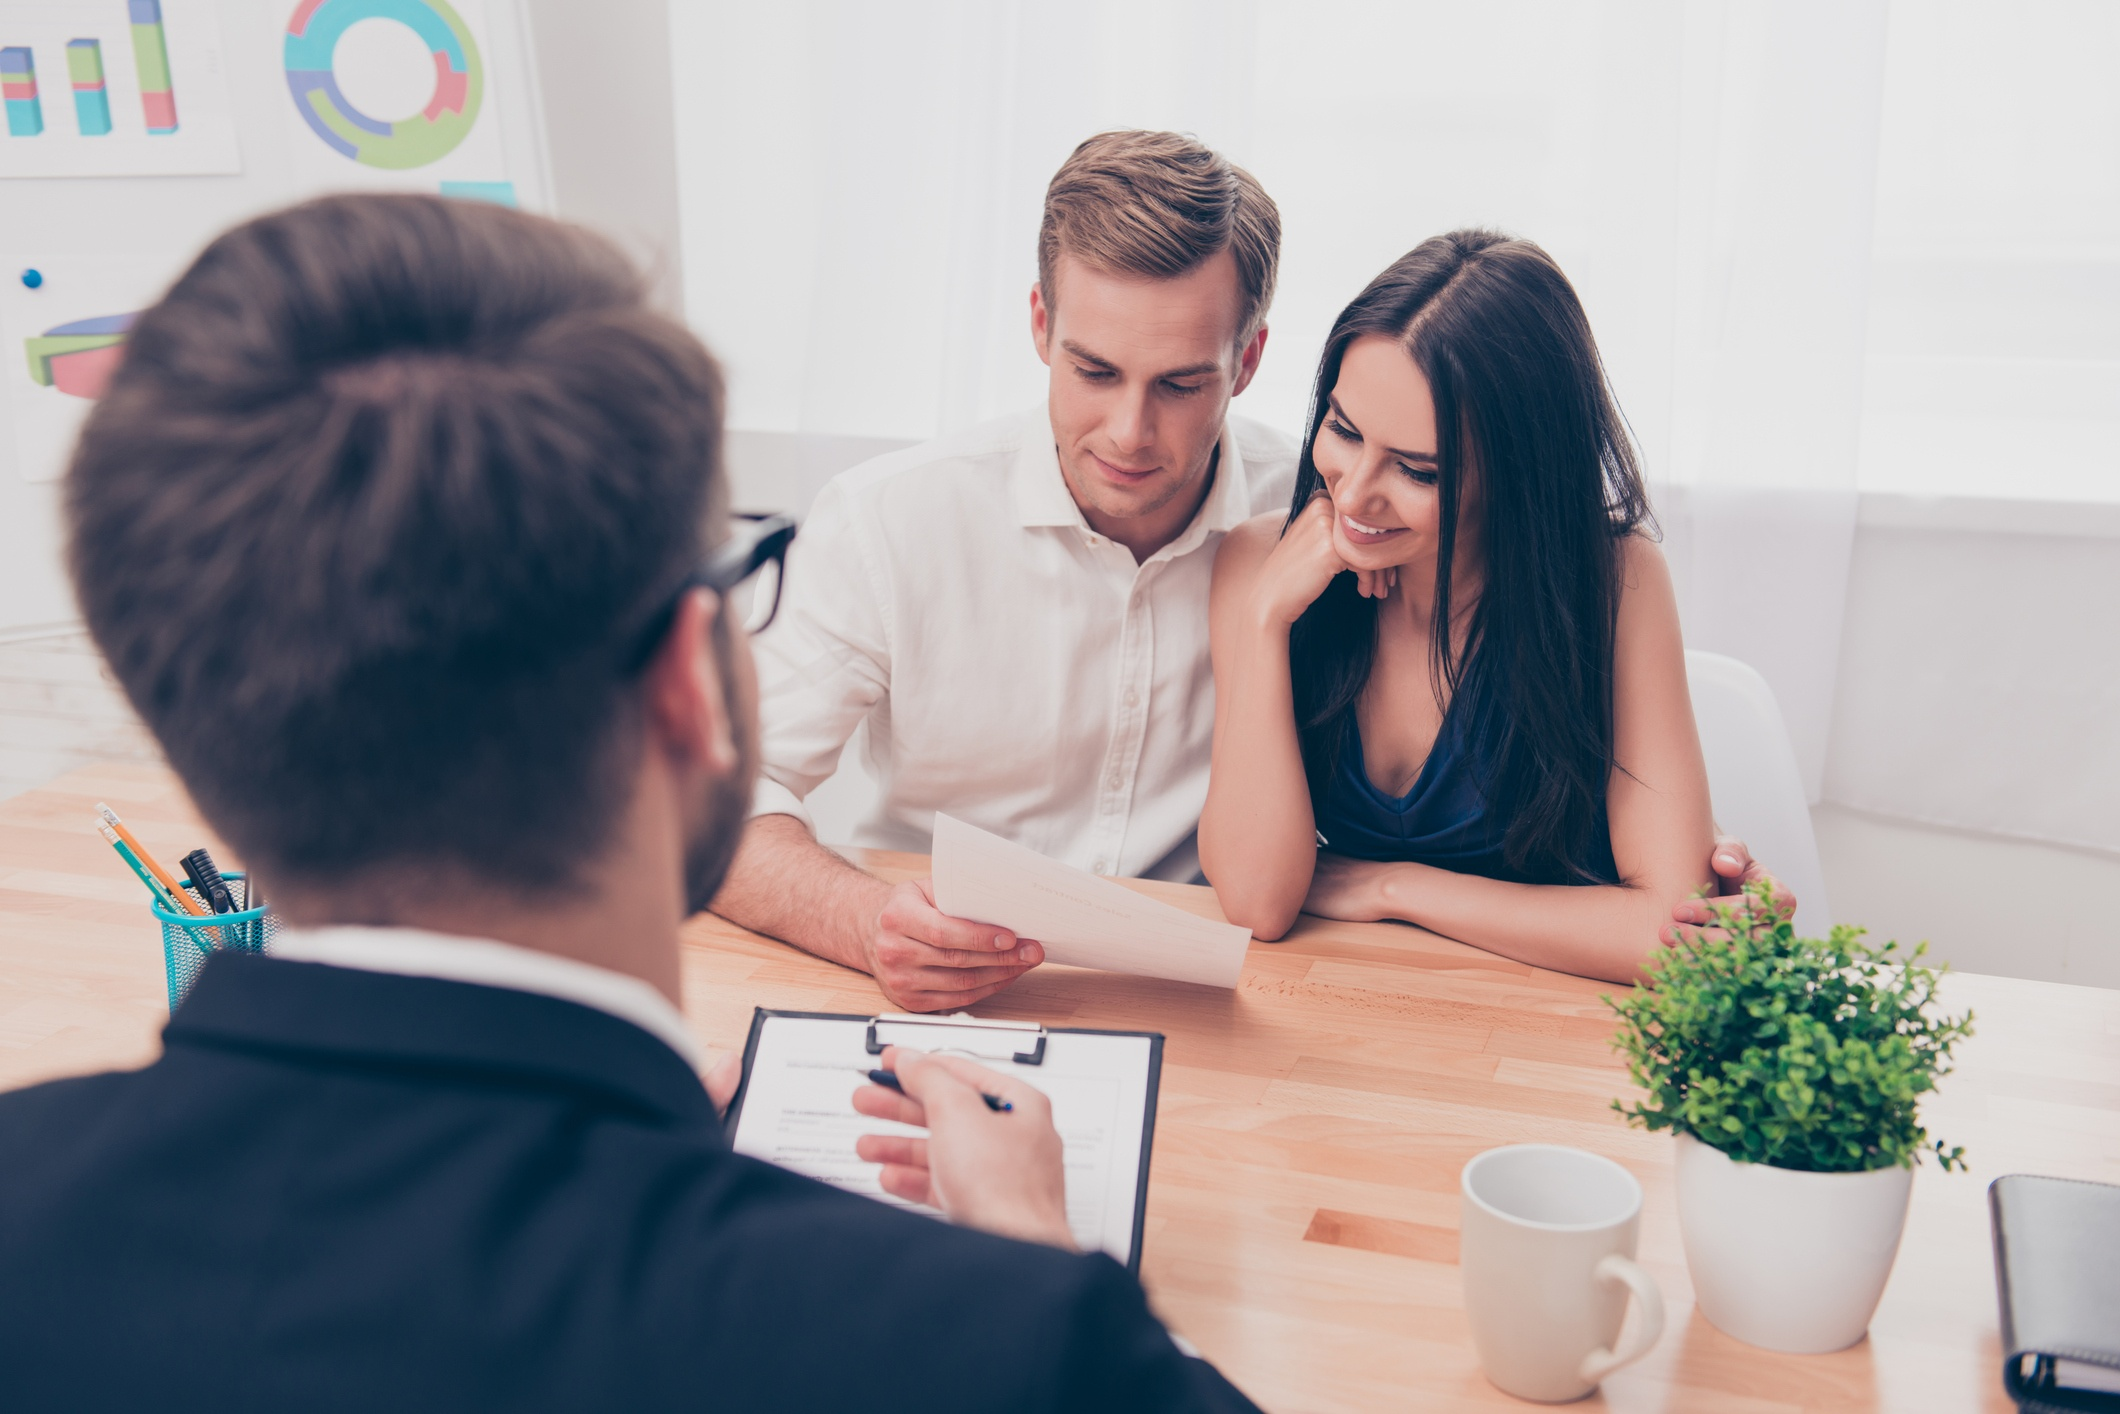 6 Pasos para conservar y fidelizar nuevos clientes